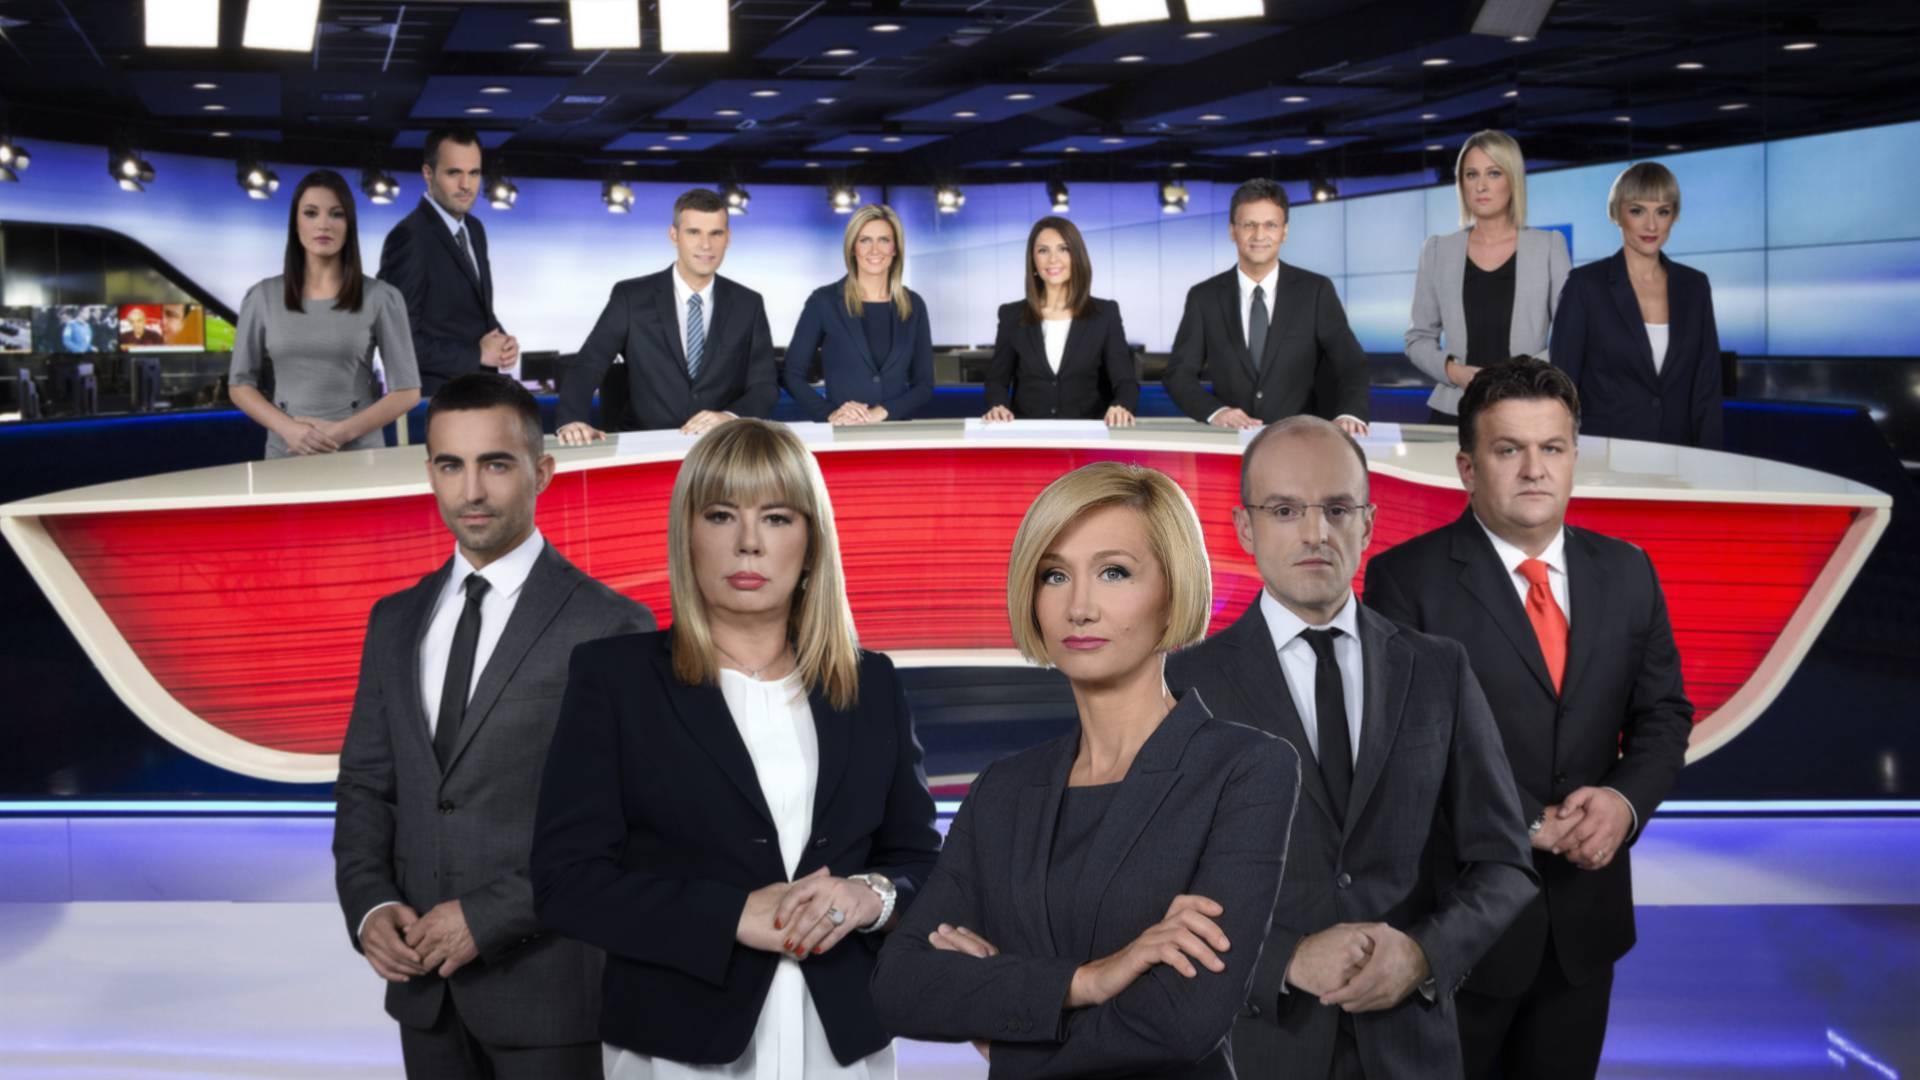 Nova TV proslavila 20 godina postojanja: 'Dug je put iza nas'